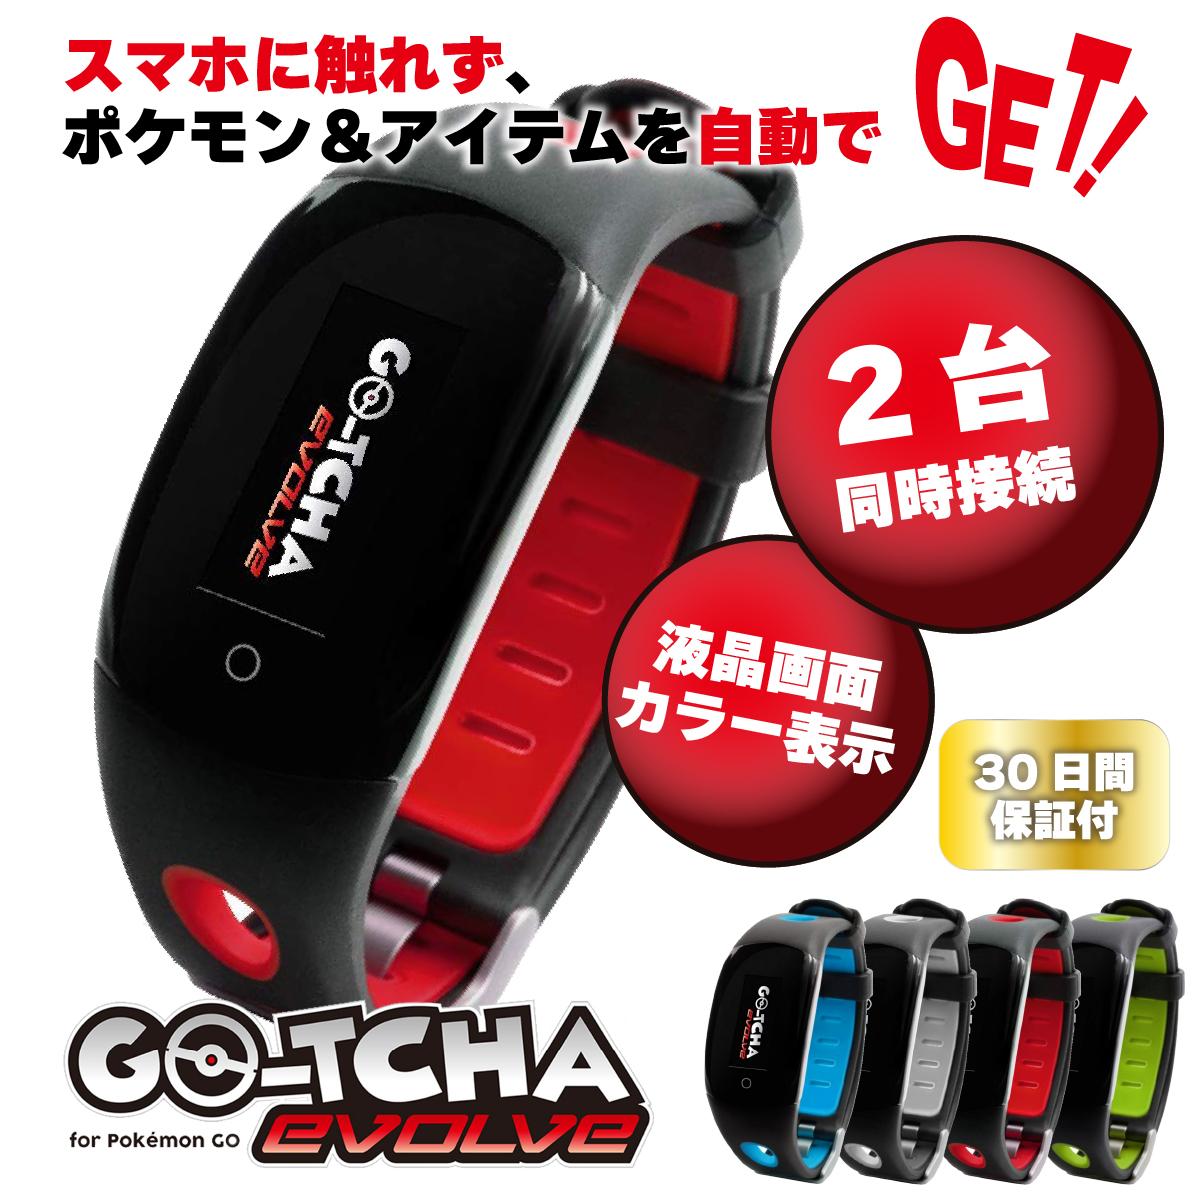 【ポケモンGO】GO-TCHA EVOLVE購入。正直レビュー。